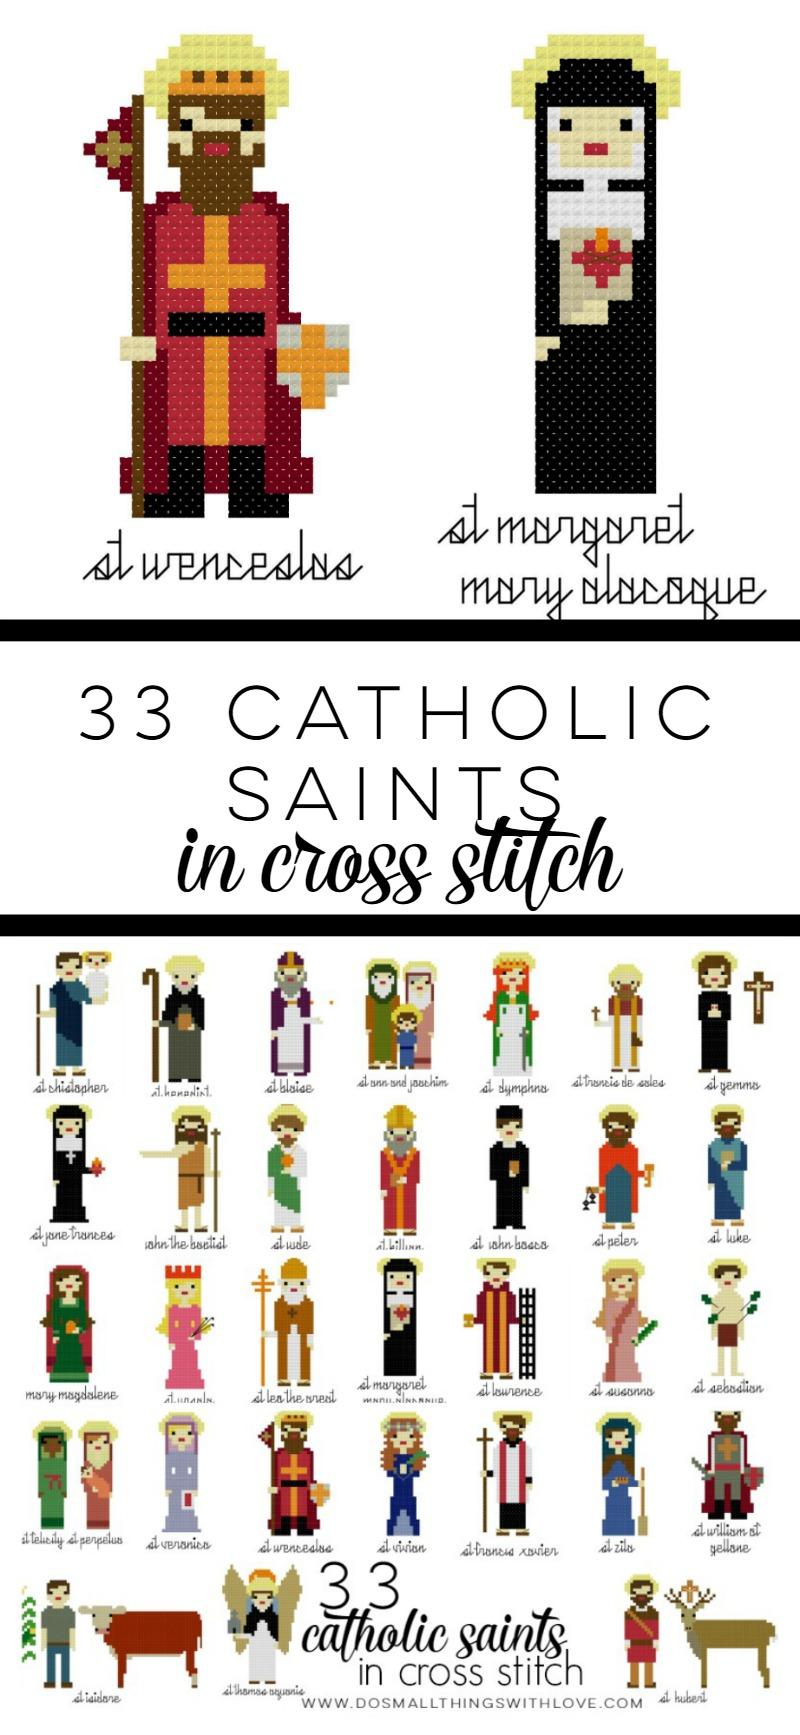 33 Catholic Saint Cross Stitch Patterns